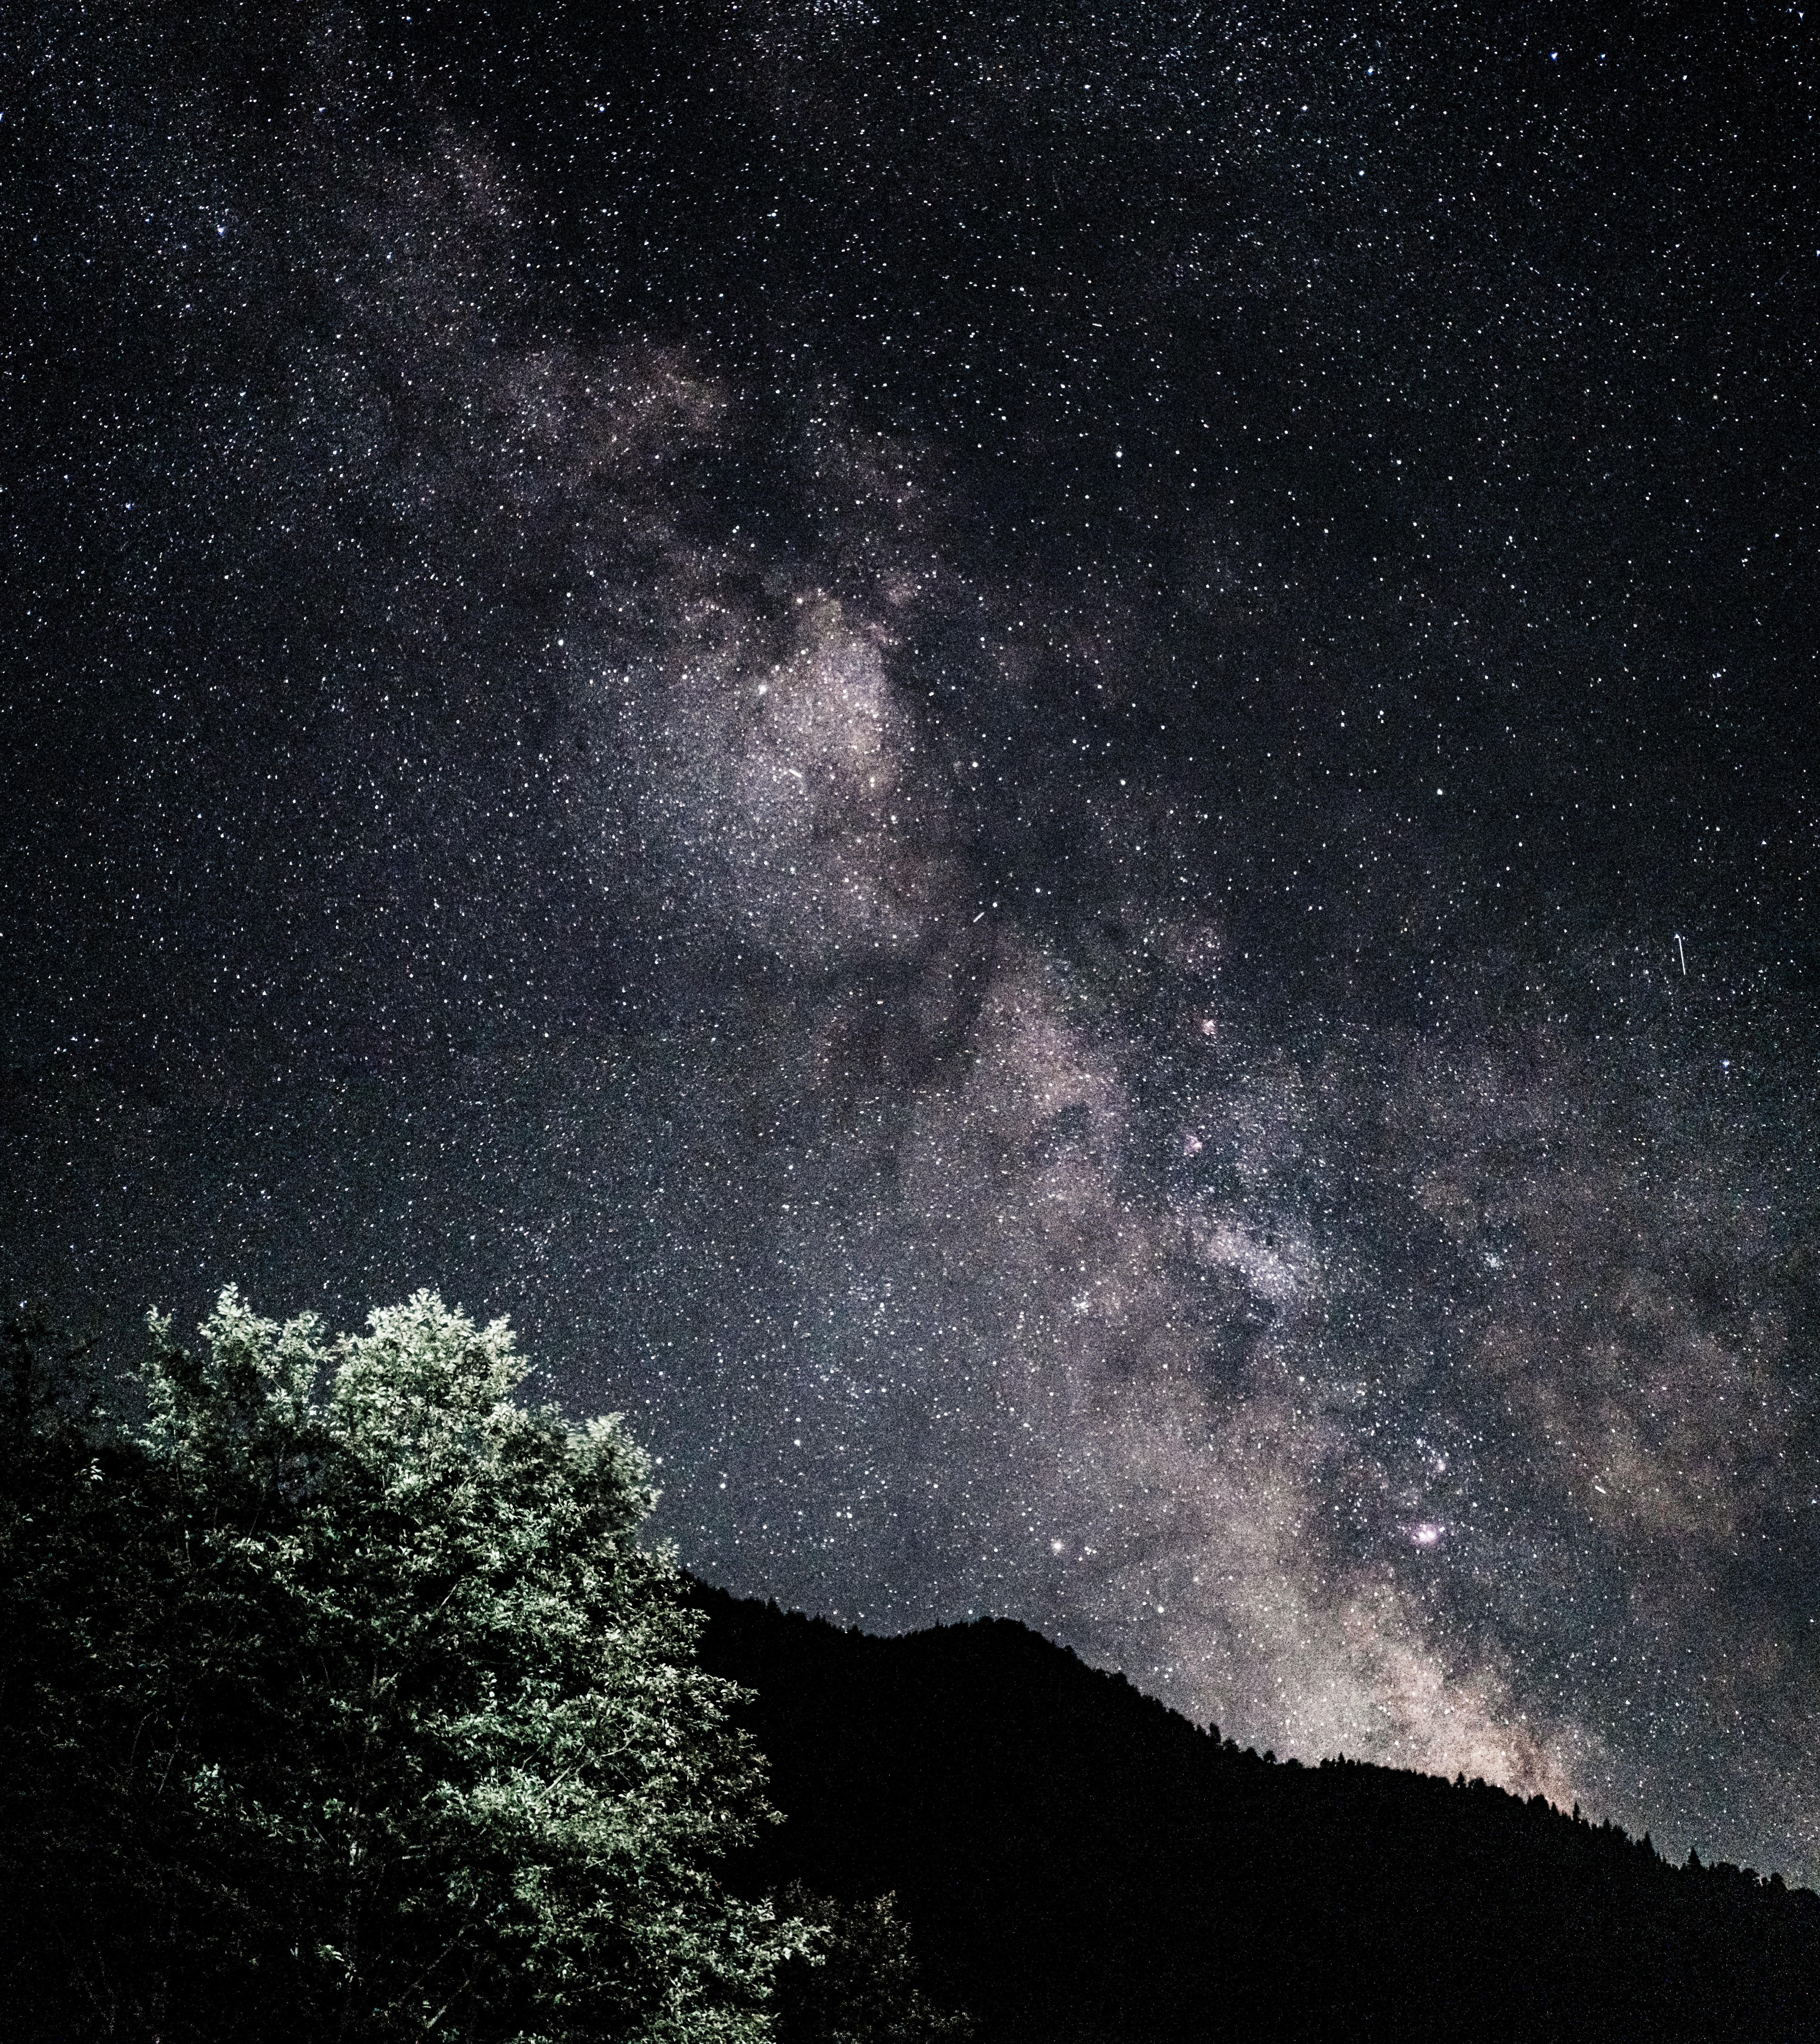 145252 скачать обои Темные, Звездное Небо, Туманность, Холмы, Кусты, Звезды - заставки и картинки бесплатно